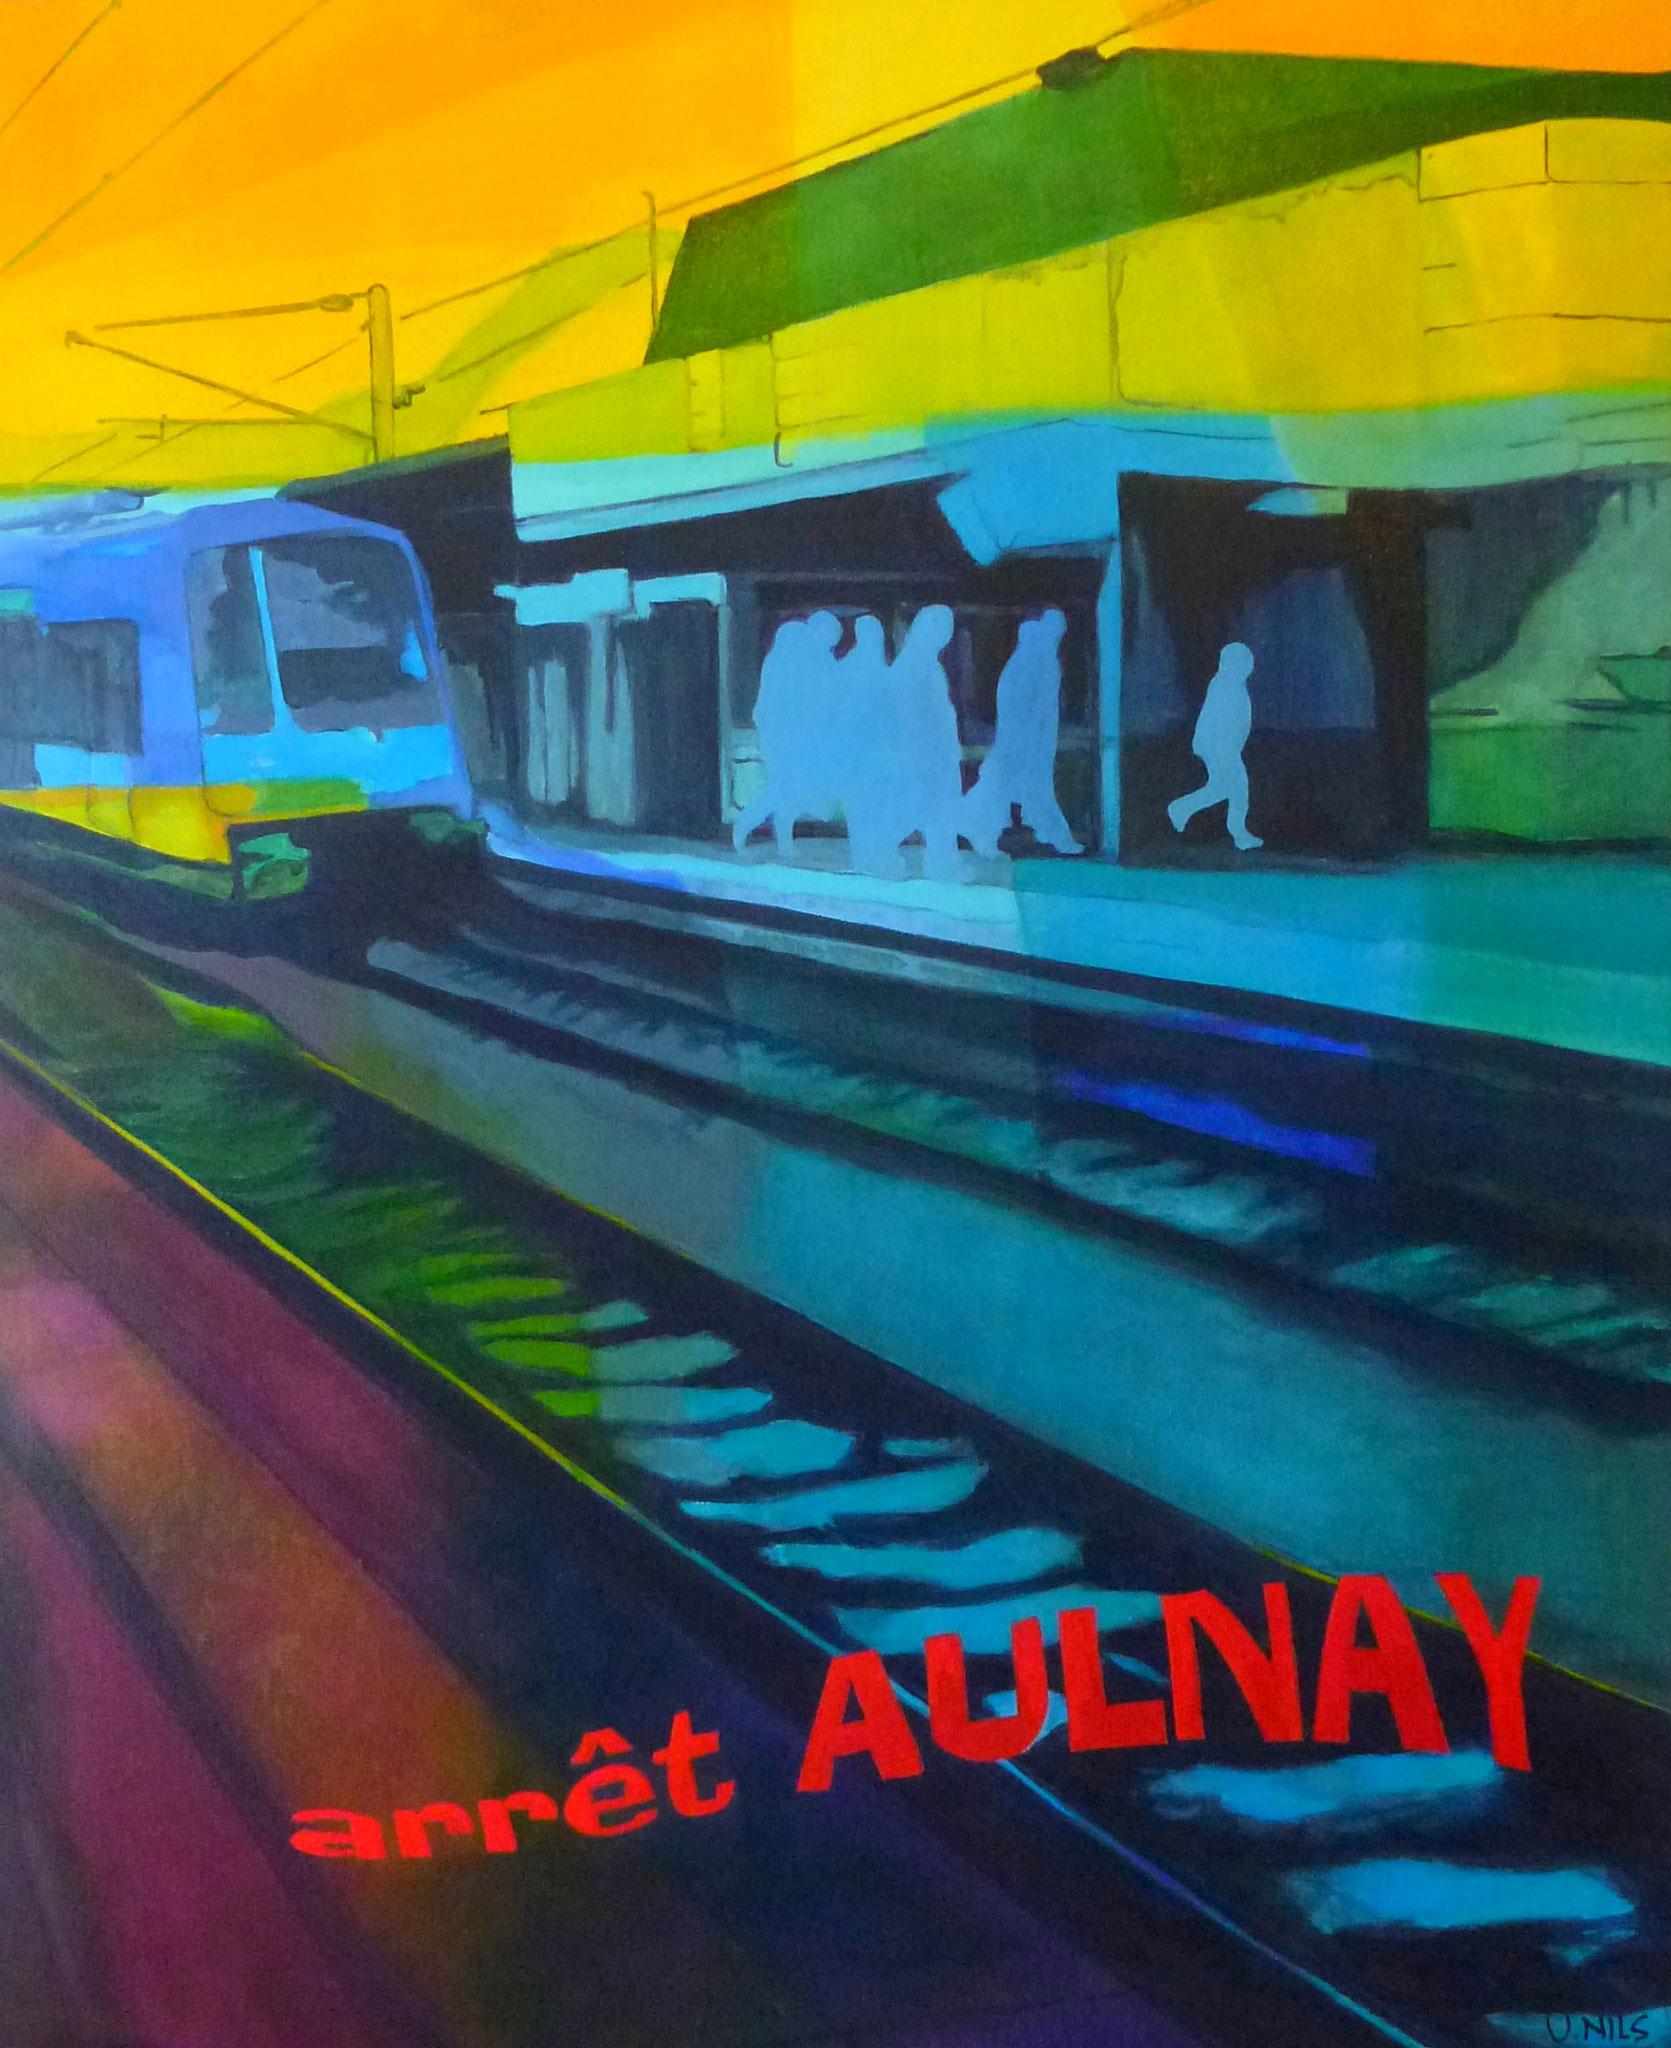 Arrêt Aulnay - Peinture acrylique sur toile - Victoria NILS